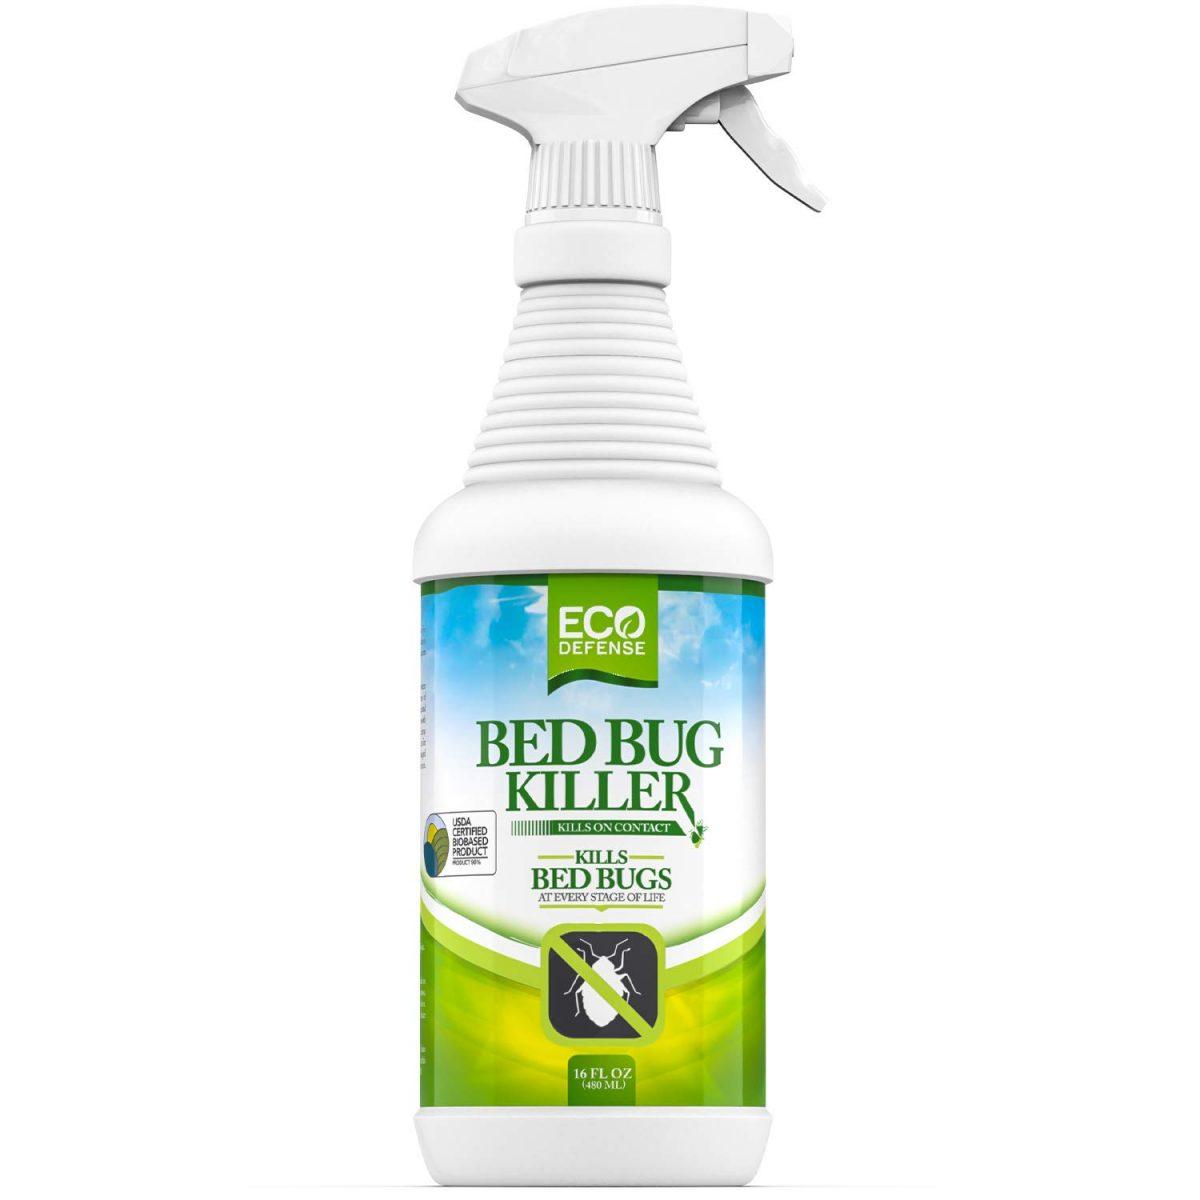 Eco Defense Bed Bug Killer, Bed Bug Spray